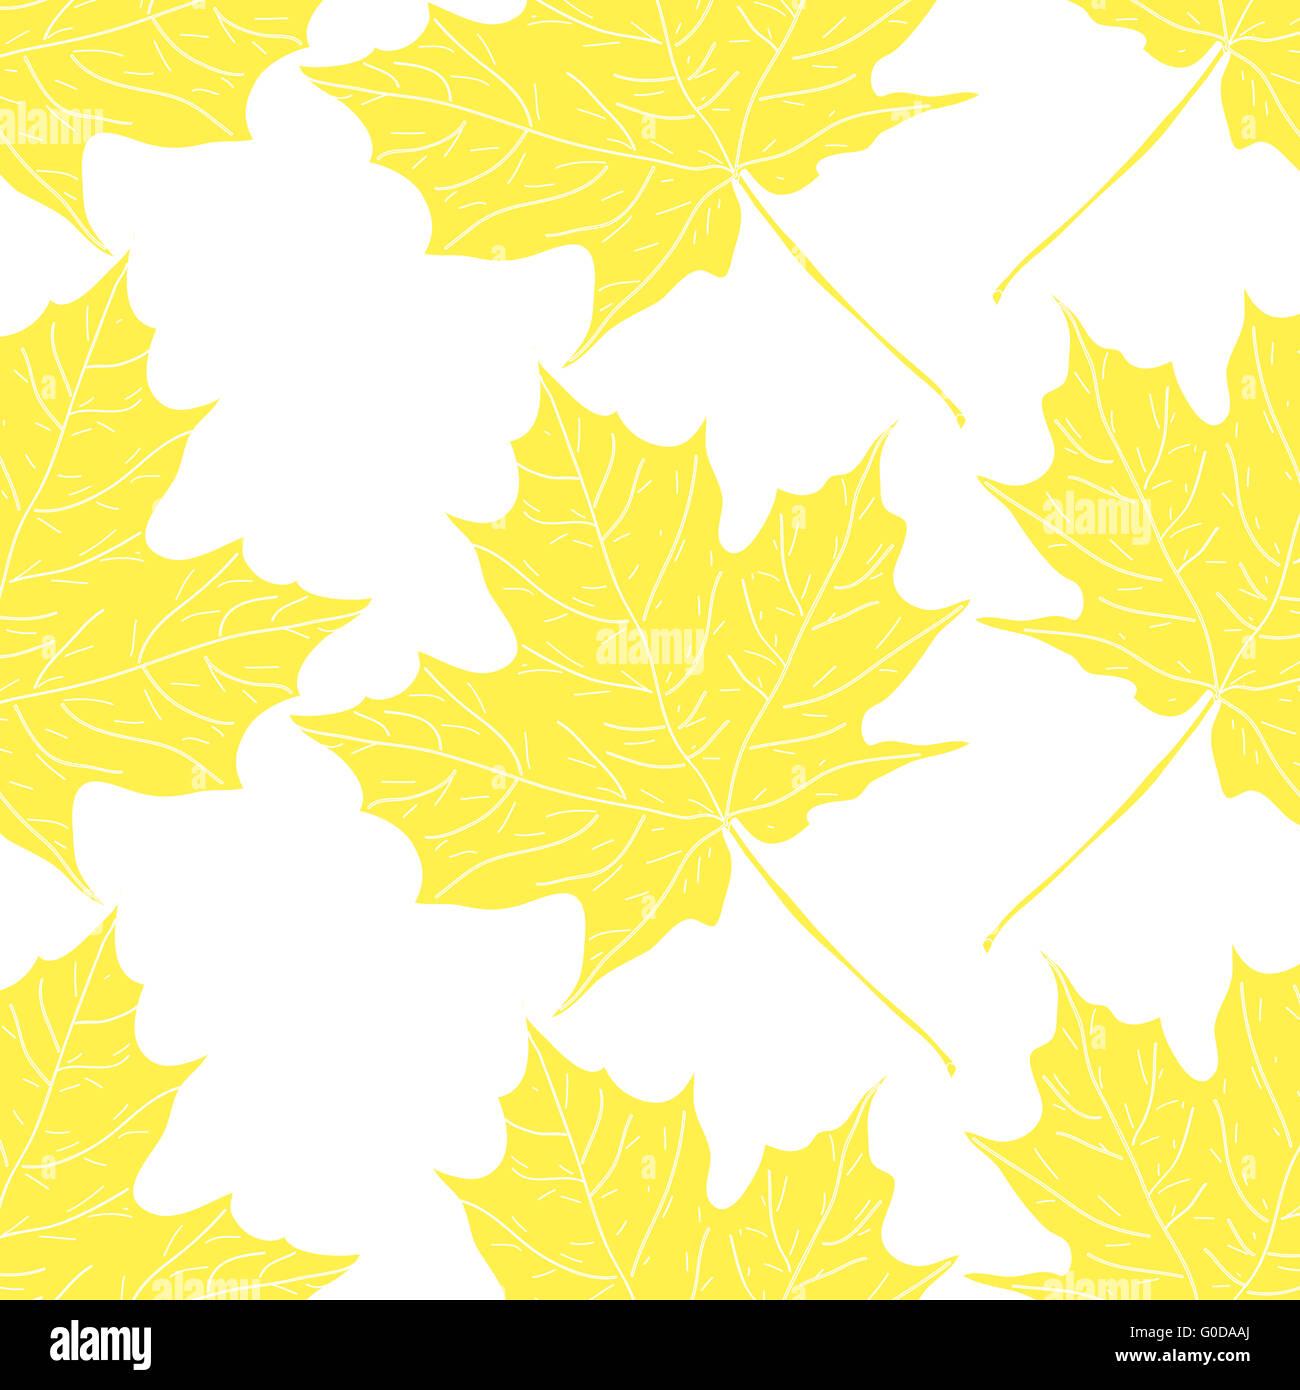 autumn background - Stock Image